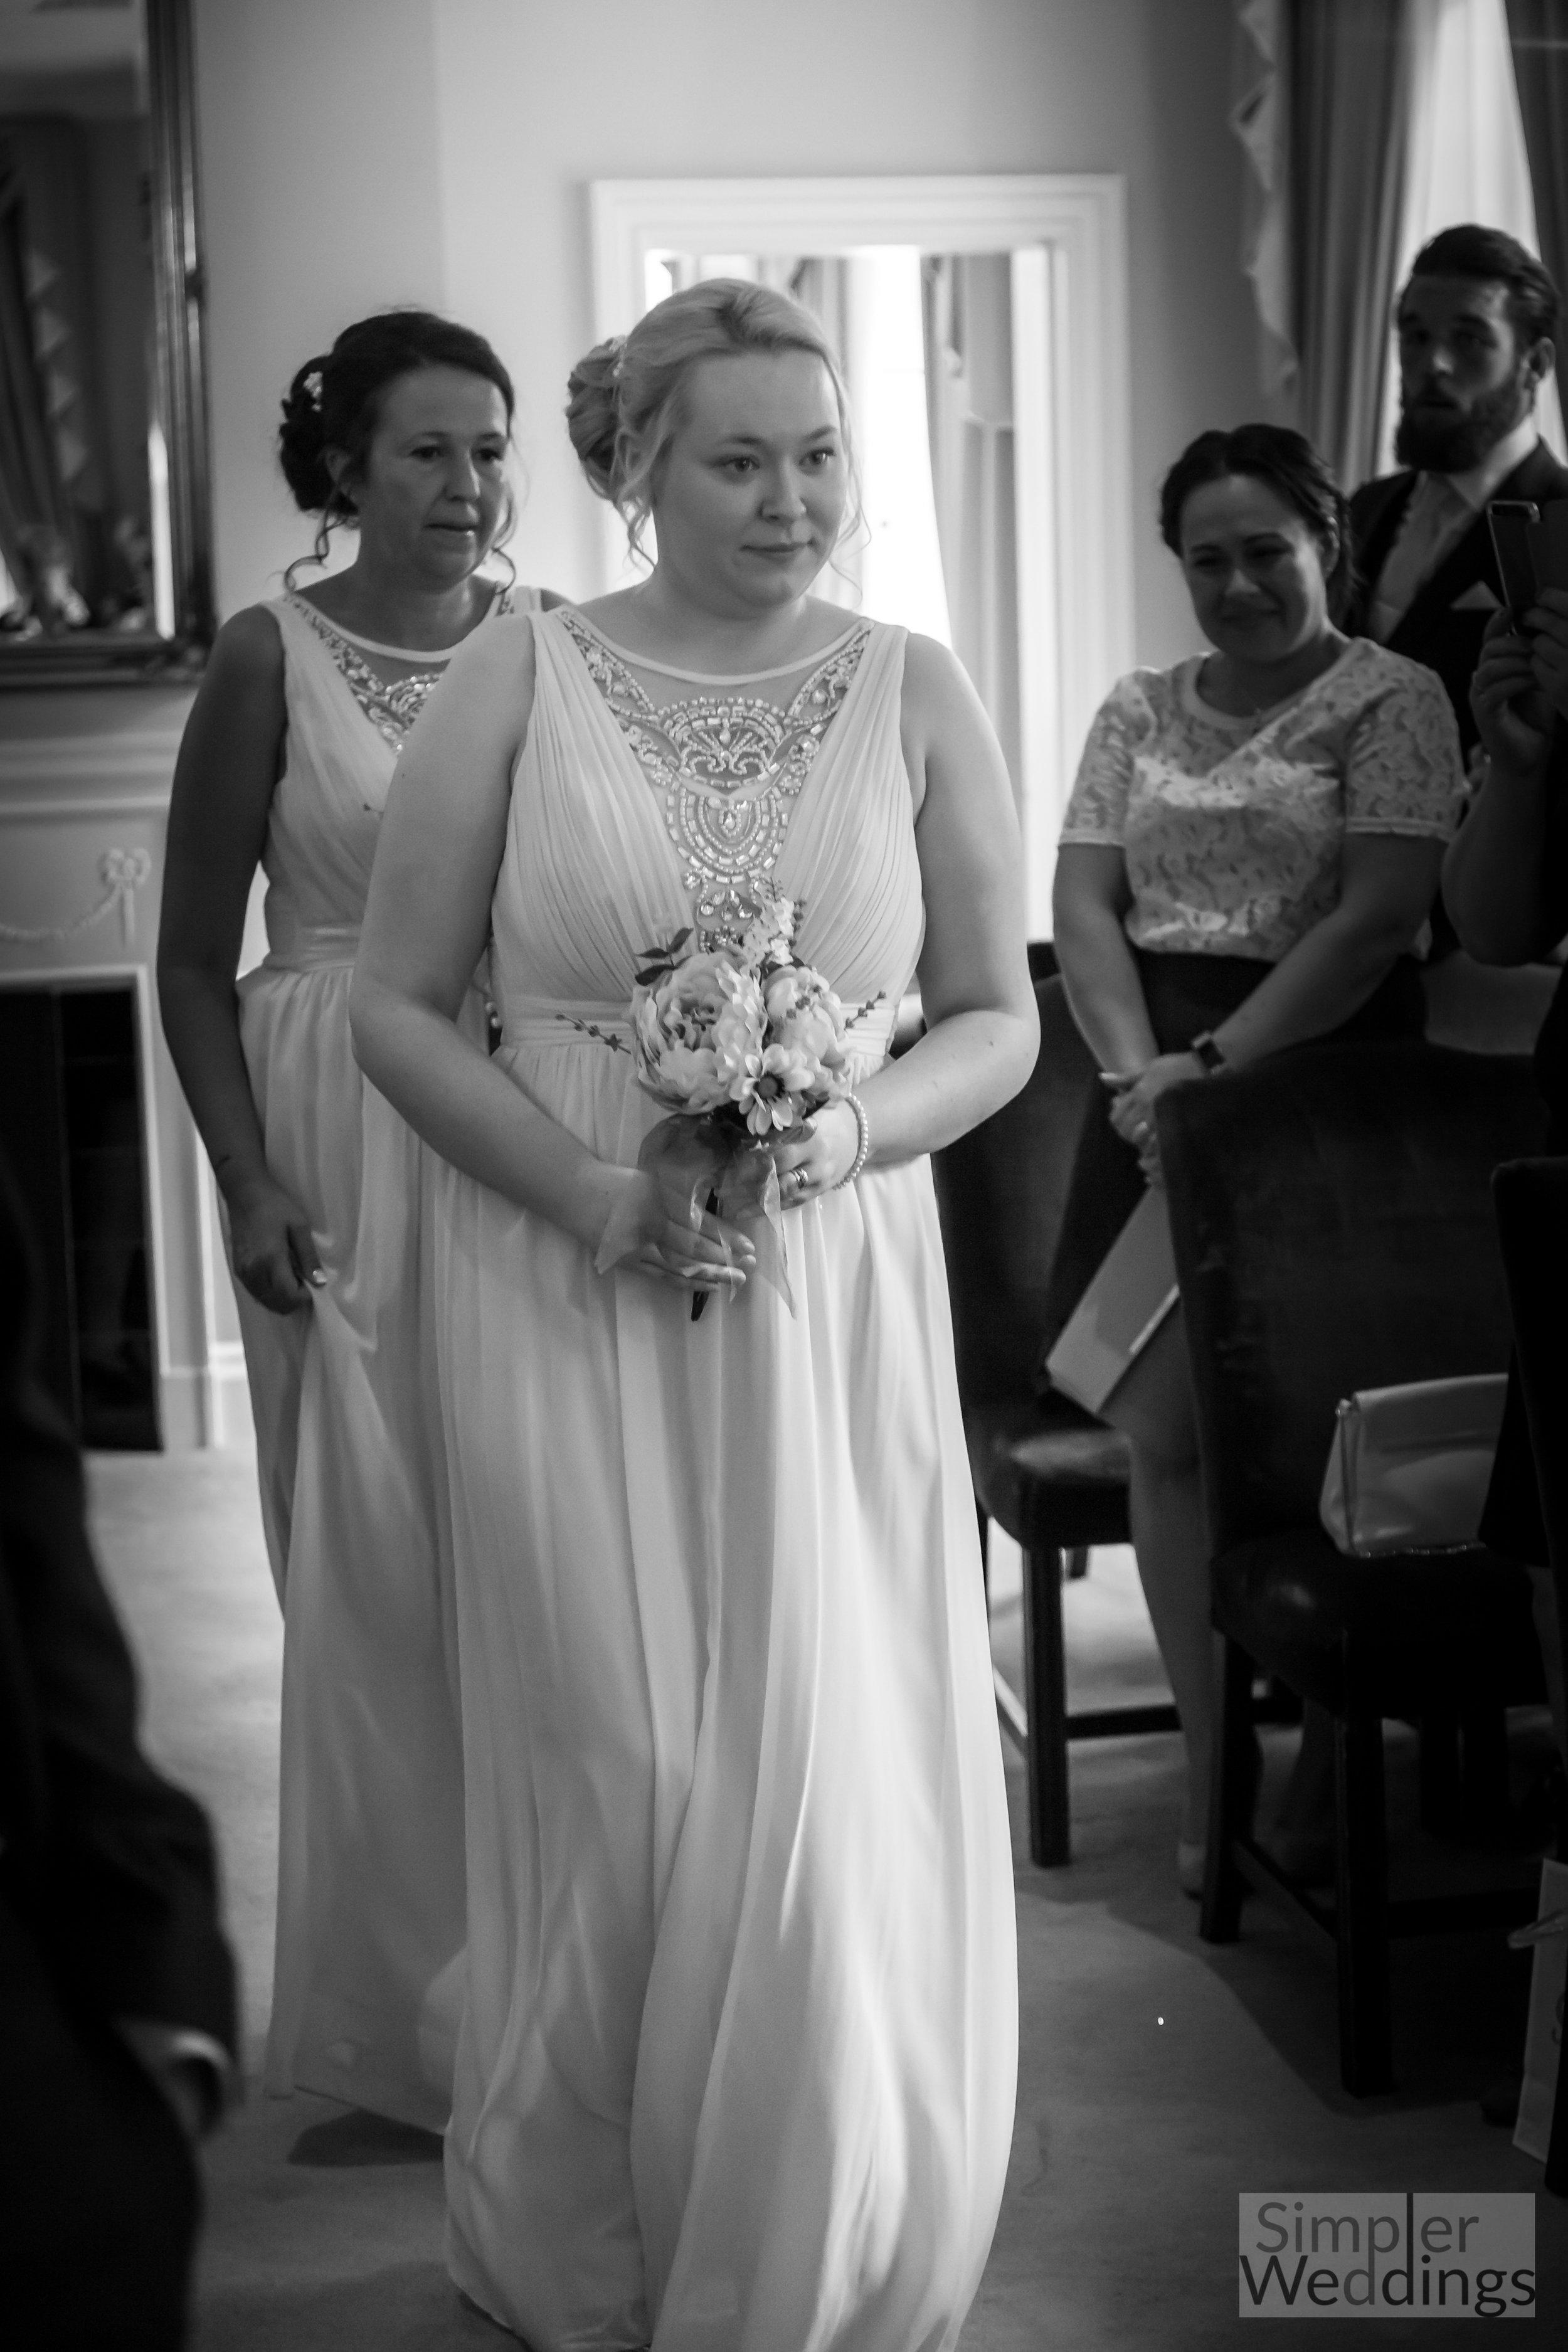 simpler-weddings-high-res-5390-2.jpg